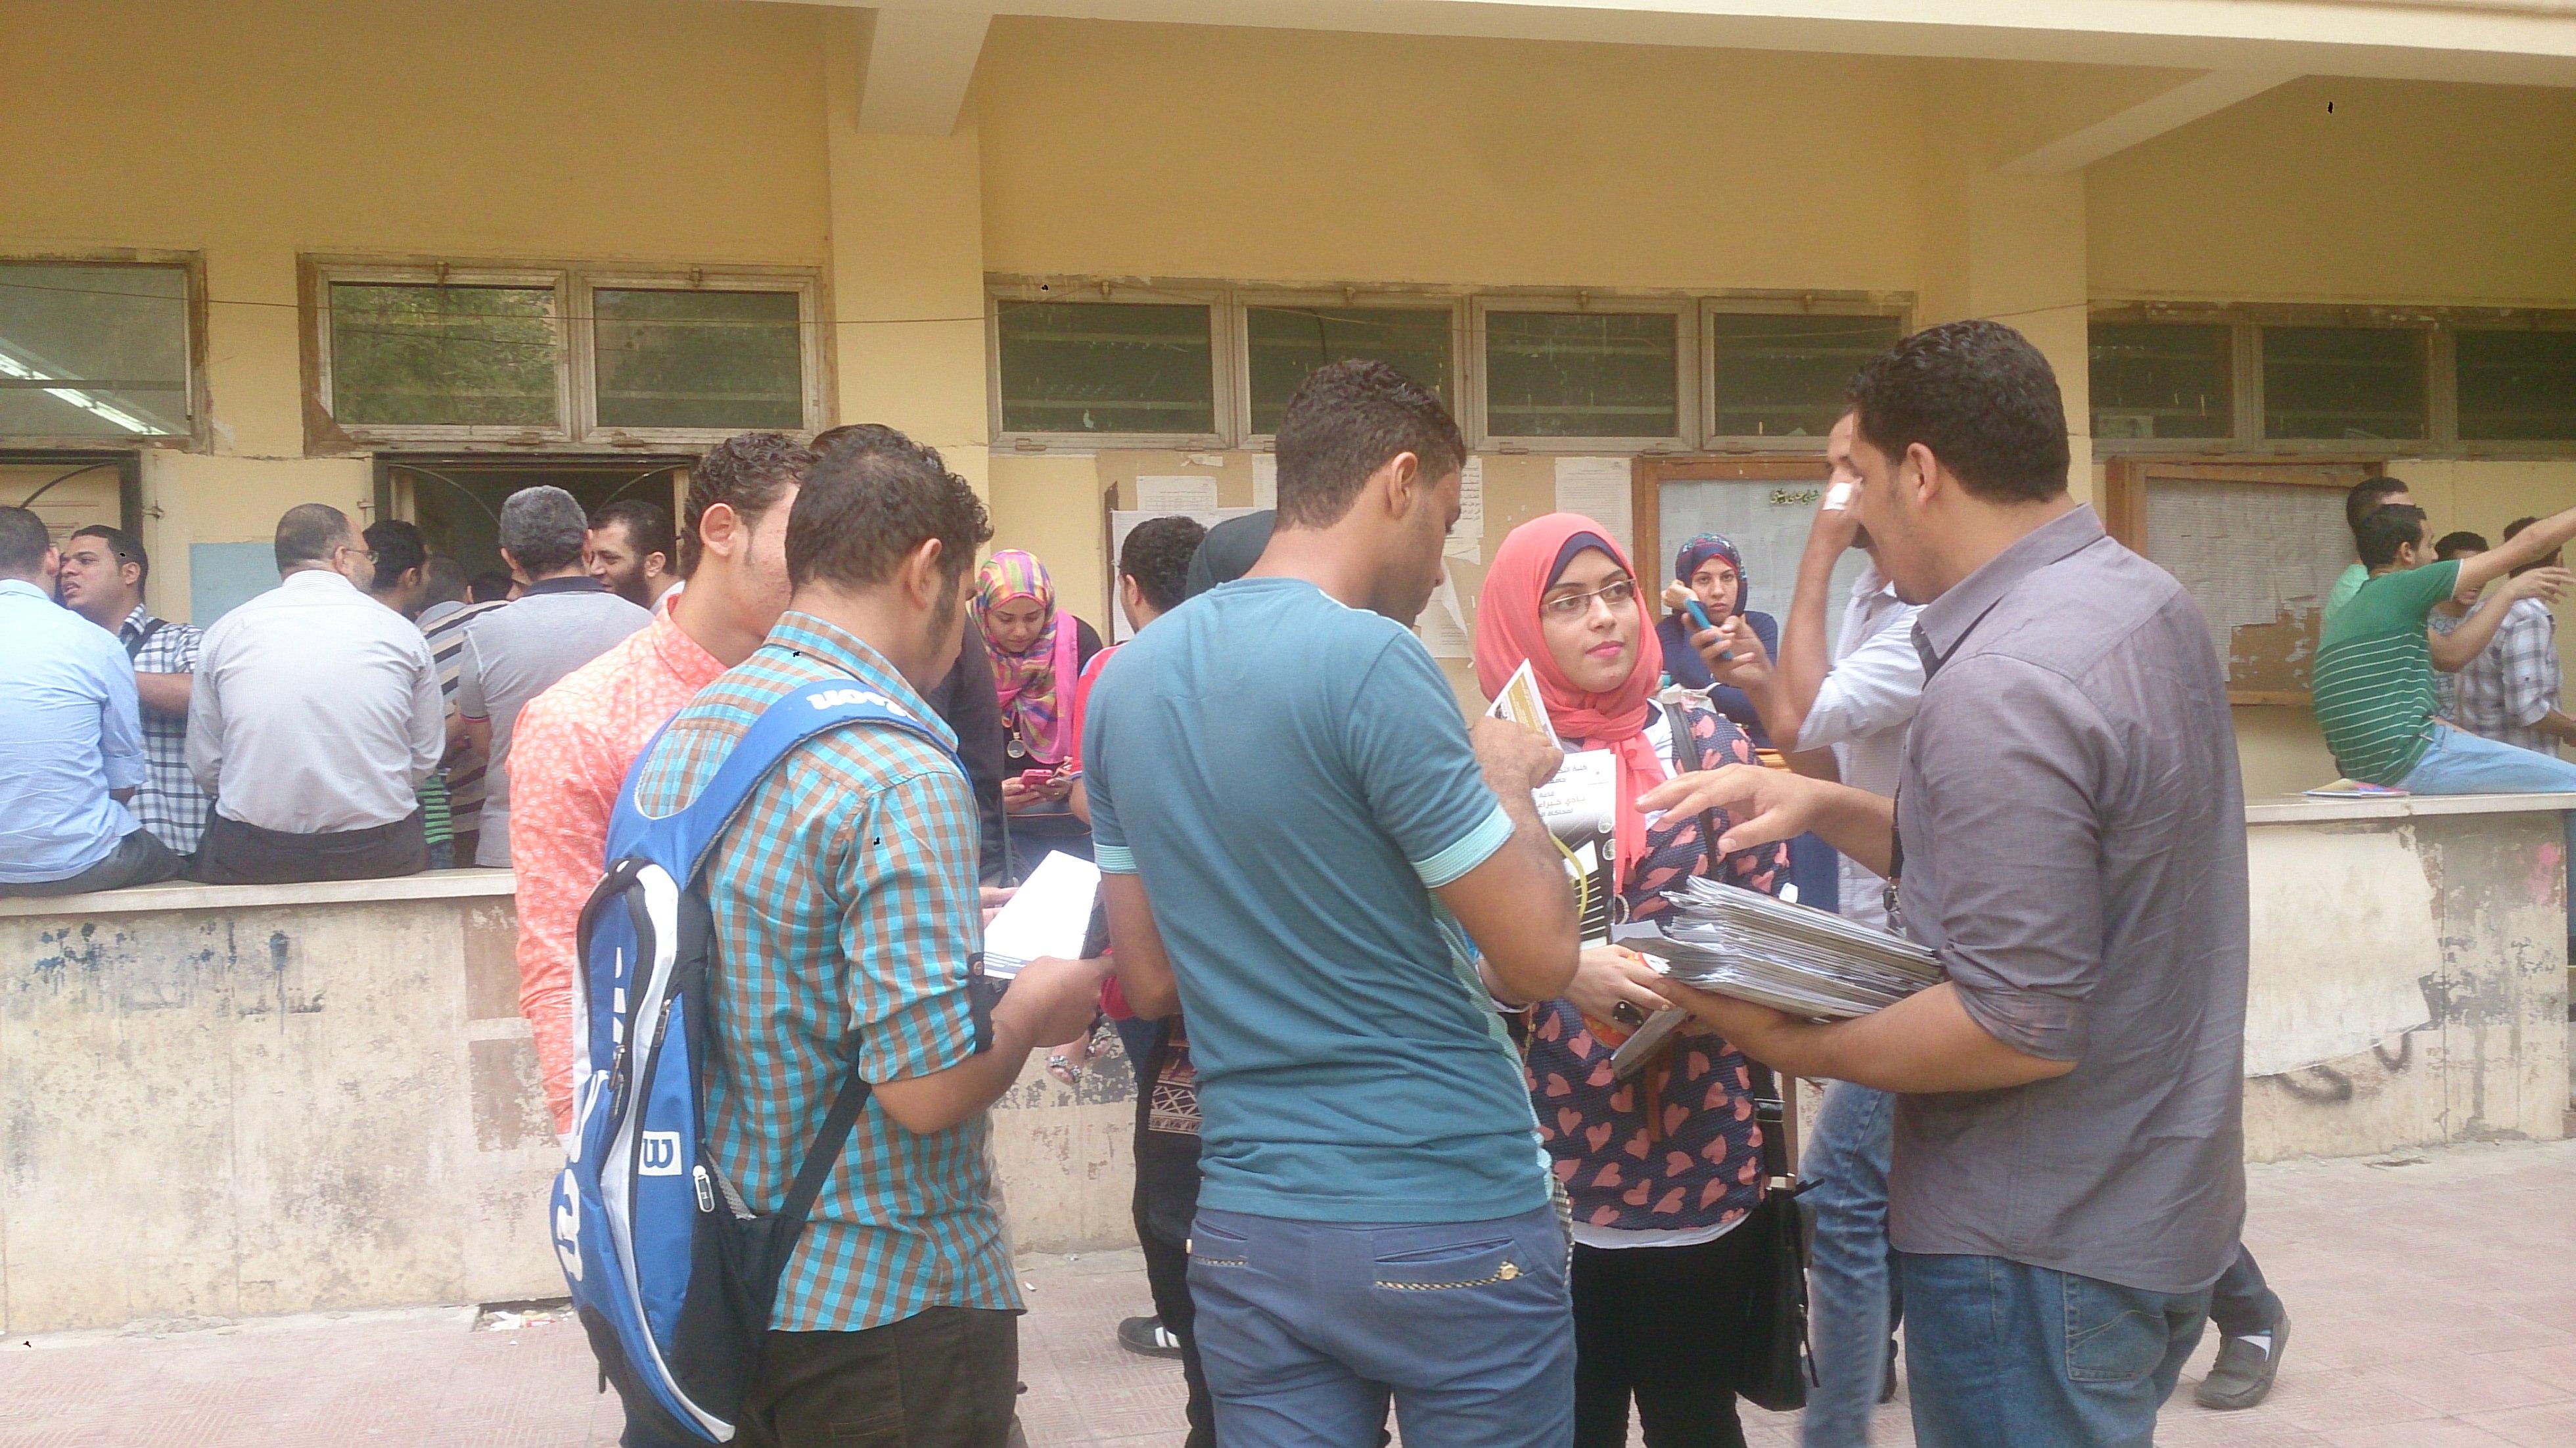 استقبال خبراء المال للطلاب فى بداية العام الدراسى بجامعة حلوان نادي خبراء المال